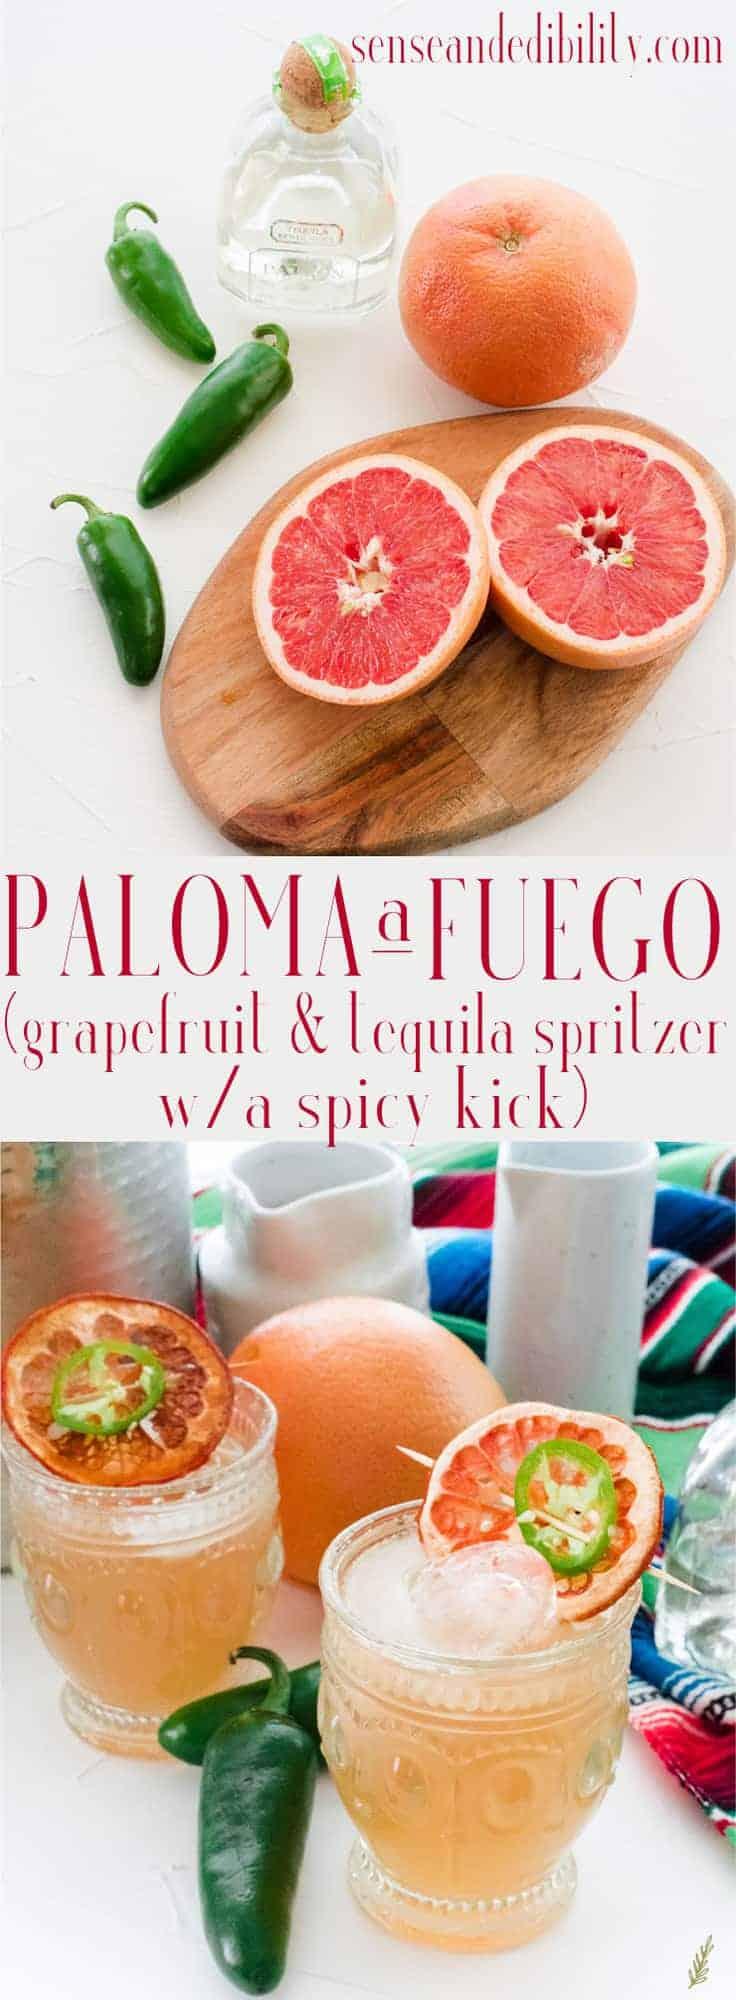 Sense & Edibility's Paloma a Fuego Pin